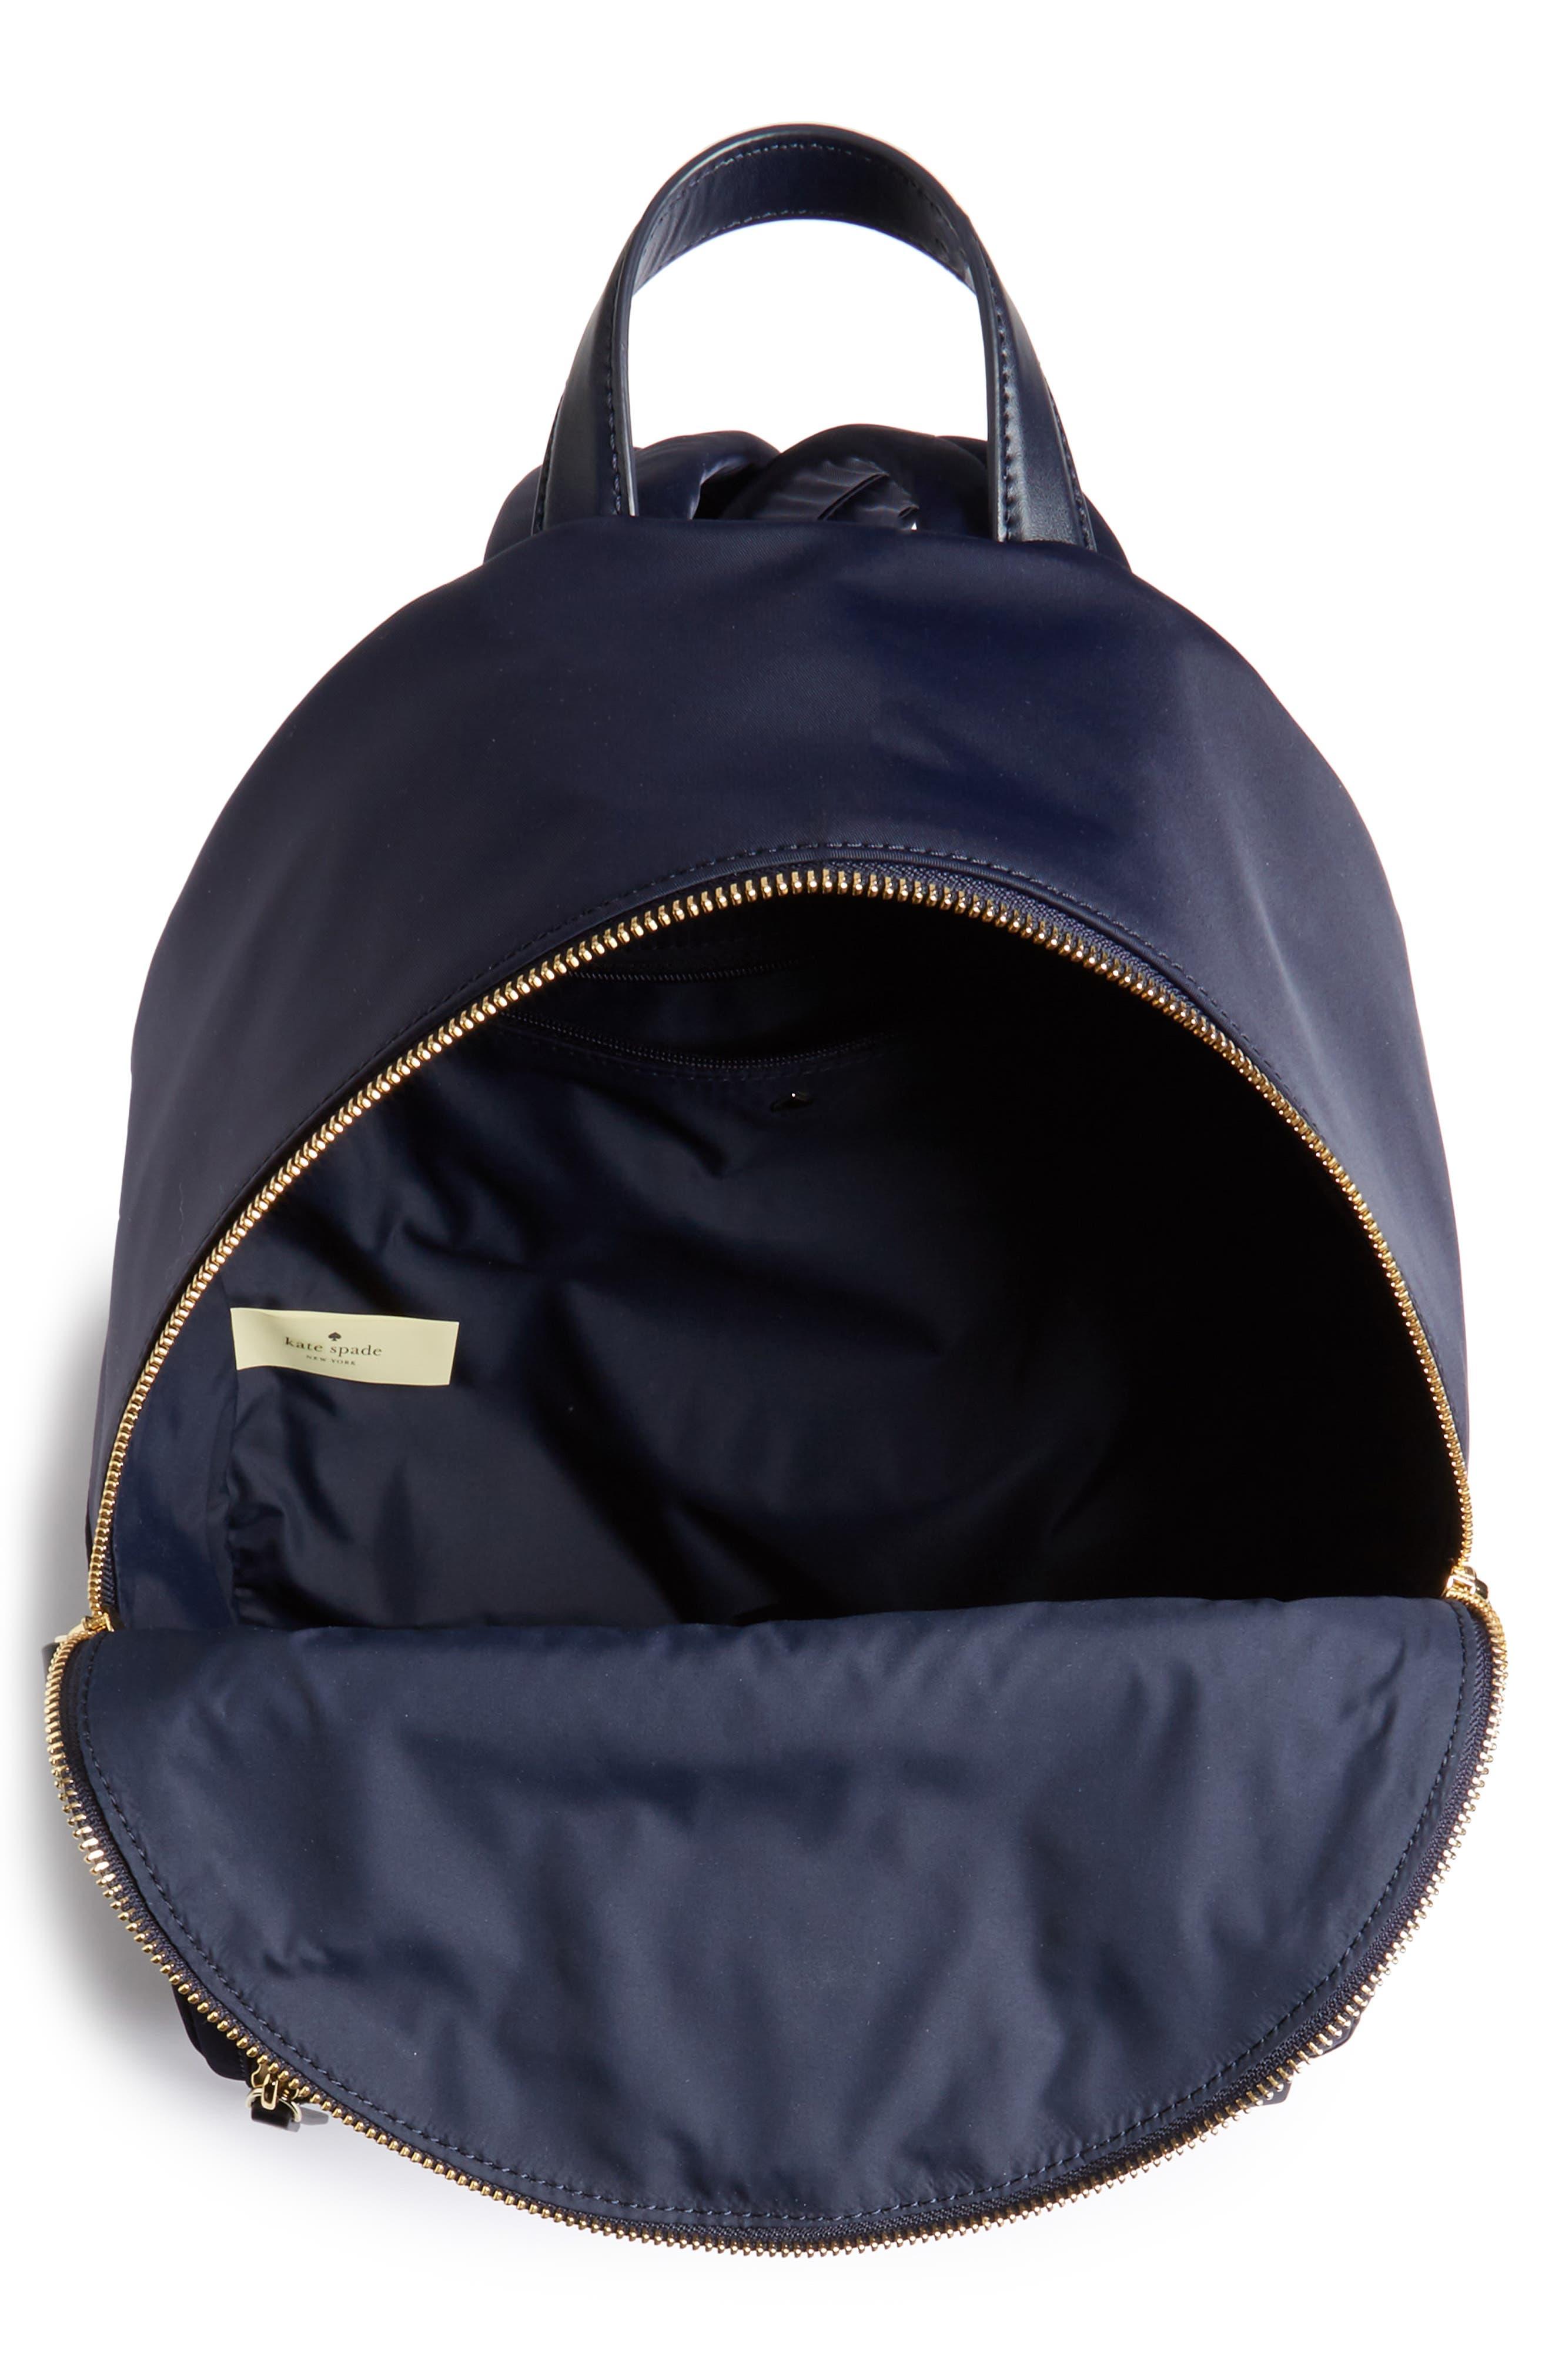 watson lane - hartley embellished nylon backpack,                             Alternate thumbnail 4, color,